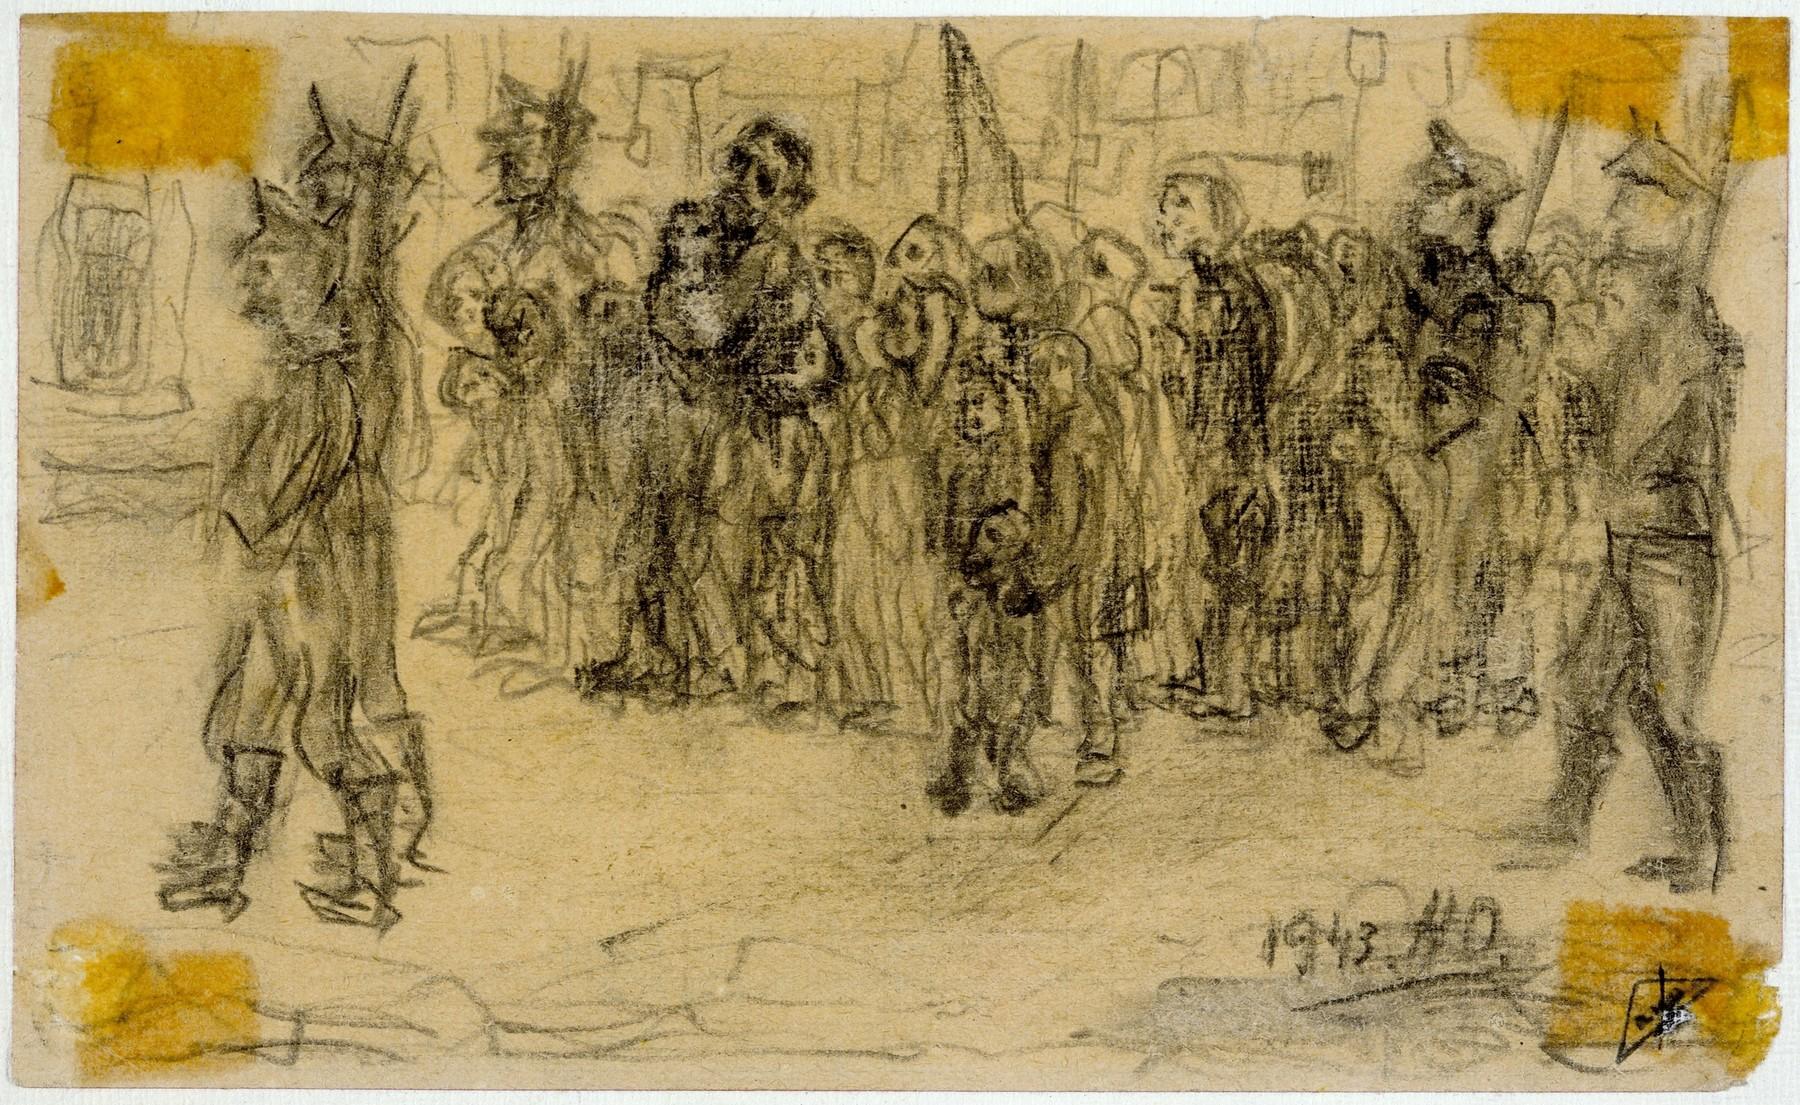 'Le dernier chemin Korczak et les enfants pendant l'expulsion,' Warsaw ghetto, 1943,  by Halina Olomucki.